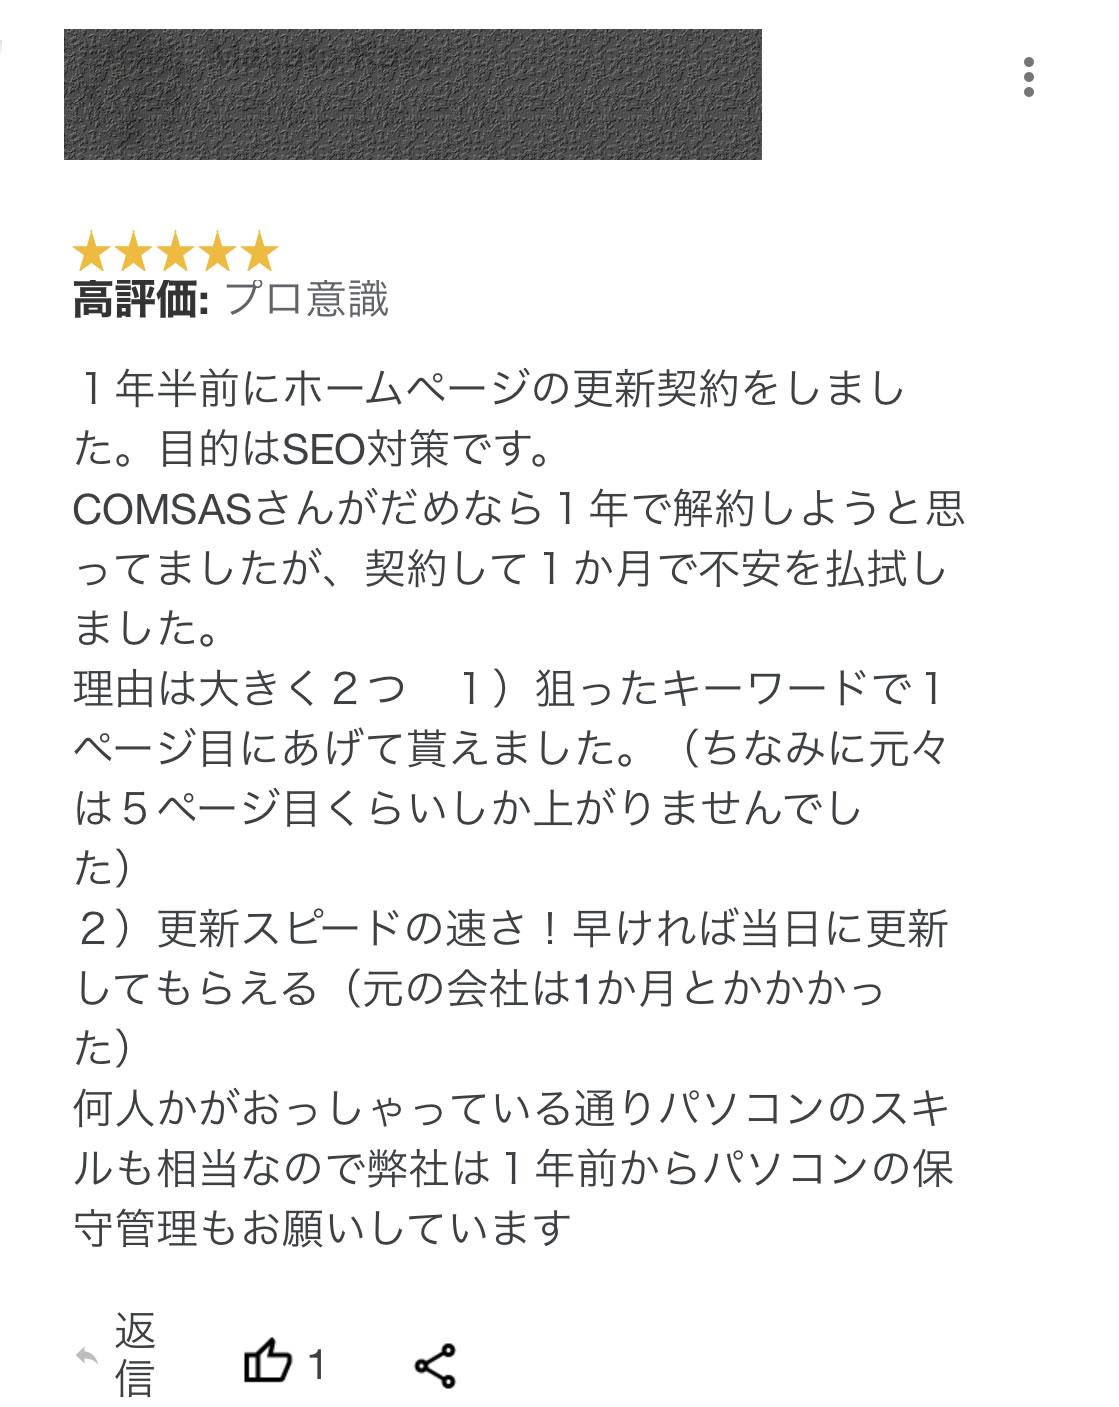 栃木県小山市パソコン修理SEO対策口コミ009